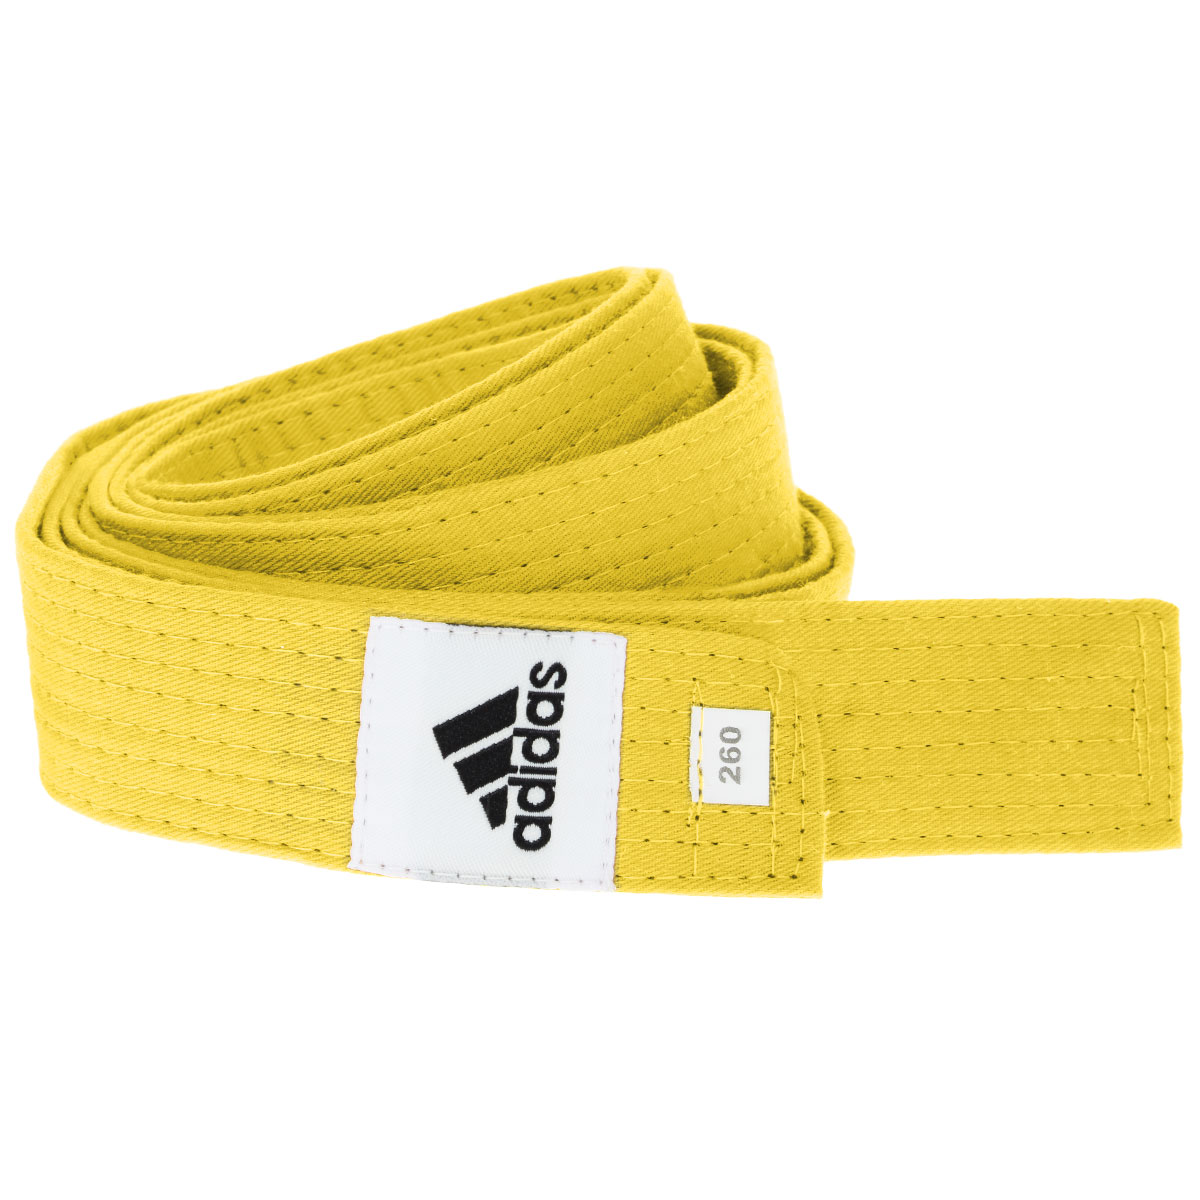 Пояс для единоборств adidas Club, цвет: желтый. adiB220. Длина 260 смadiB220Пояс для единоборств adidas Club - универсальный пояс для кимоно. Пояс выполнен из плотного хлопкового материала с прострочкой.Такой пояс - необходимый аксессуар для тех, кто занимается боевыми искусствами.